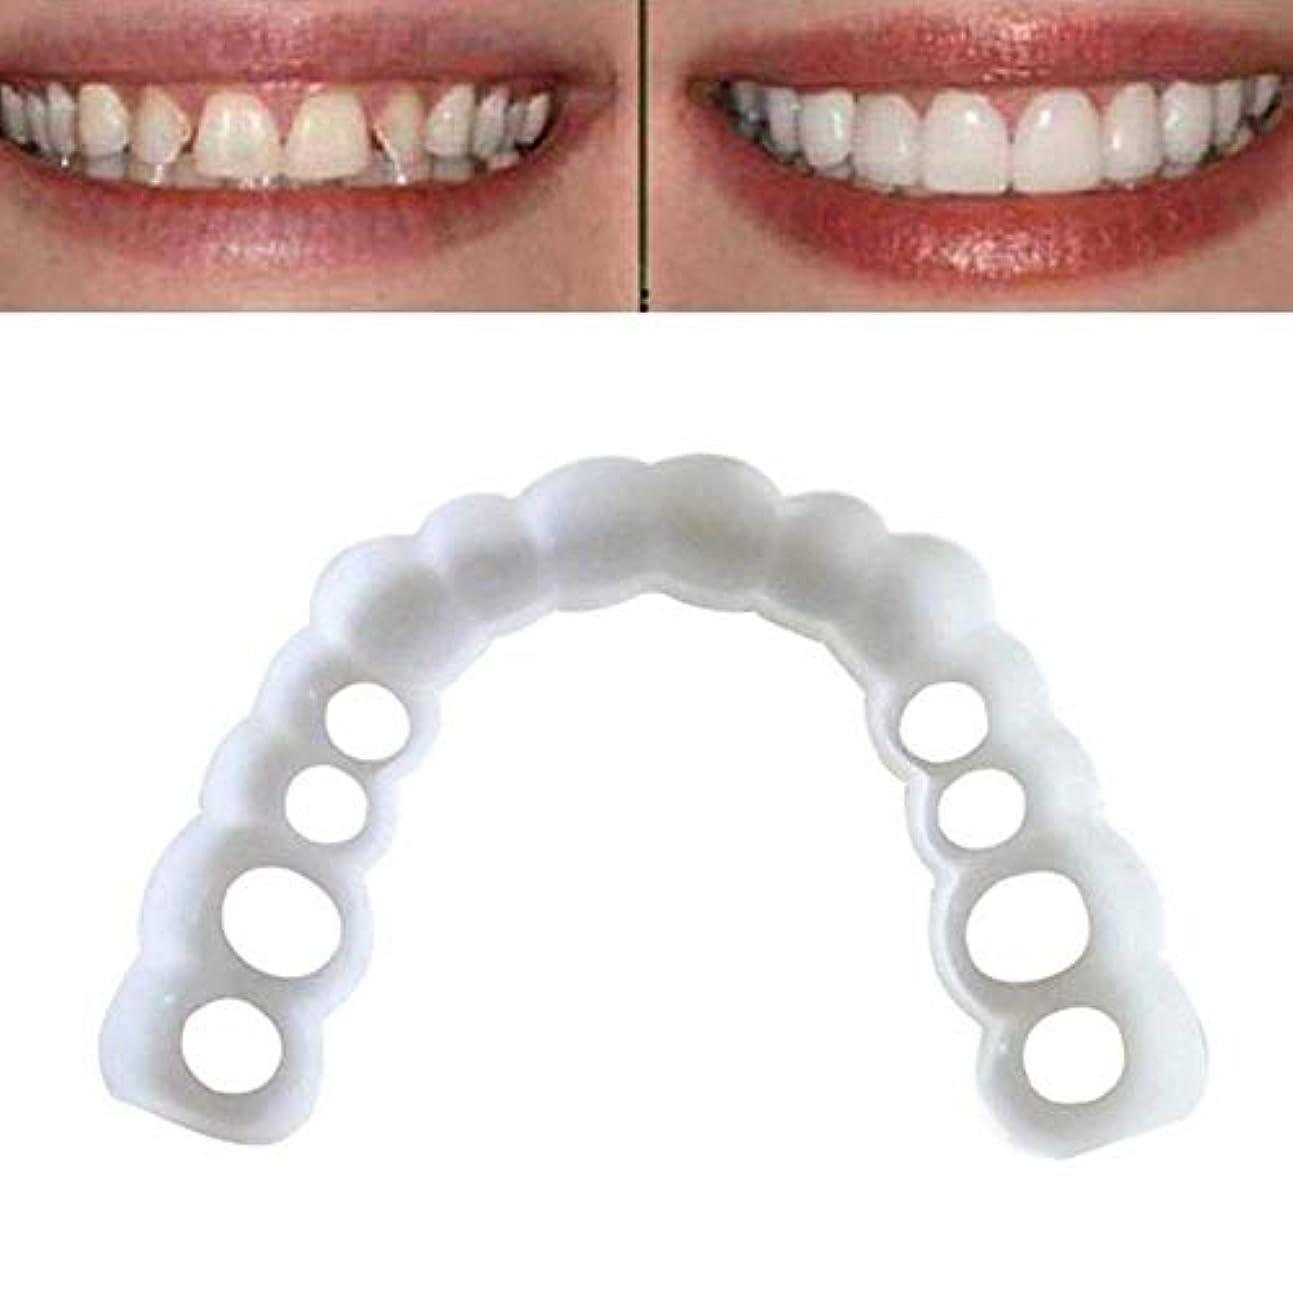 猛烈な義務づけるウィザード化粧品偽歯の3ペアは、快適な欠落タフ歯のベニアカバー不規則、染色し、ひび割れた歯を取り付け